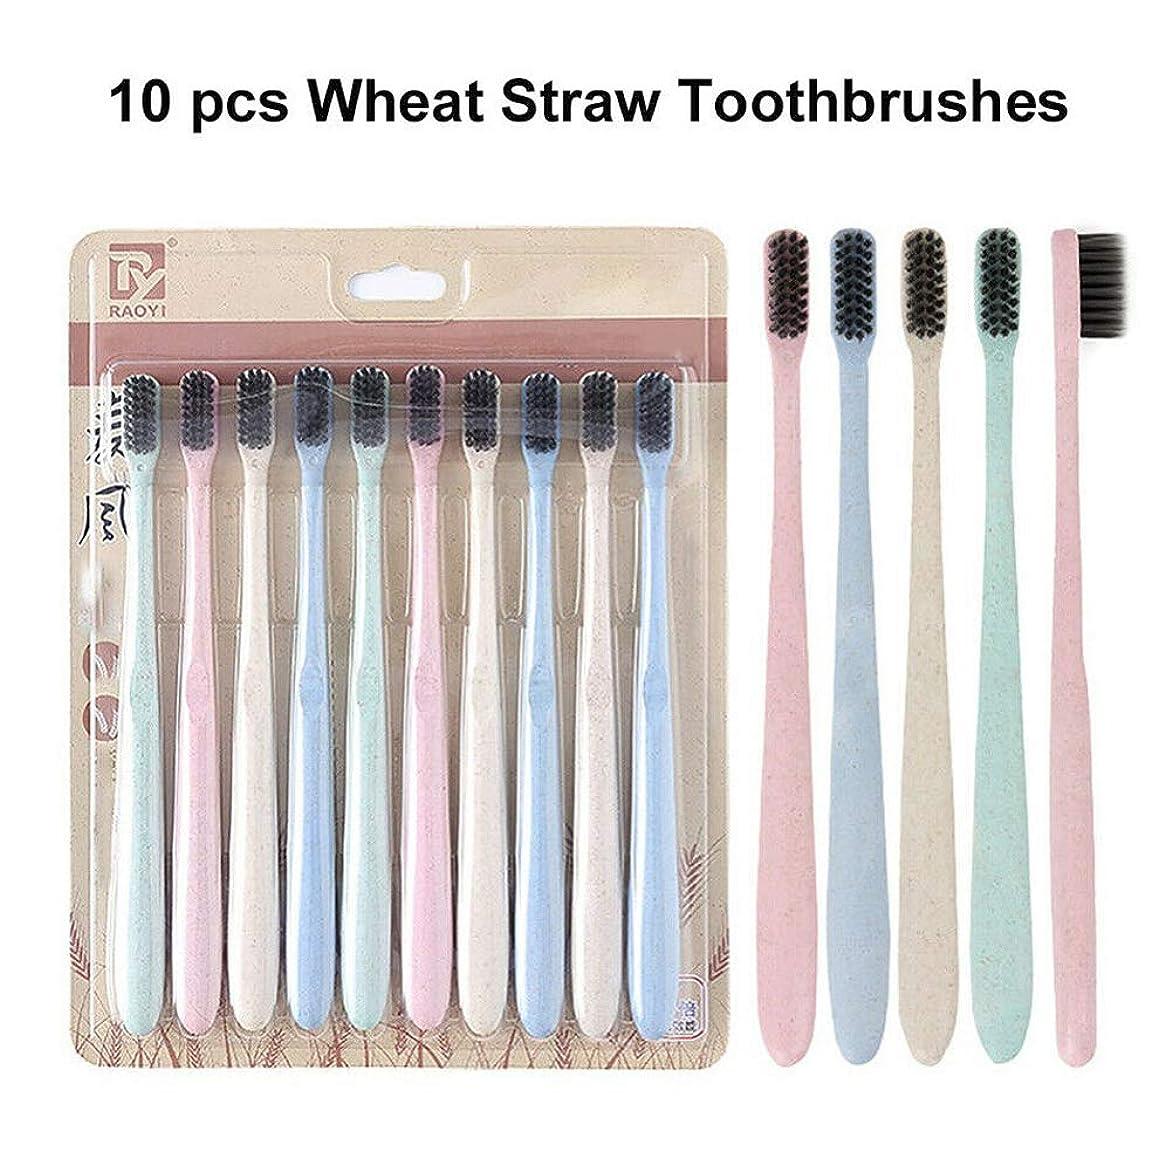 プレビスサイト形現れる10本の自然小麦わらの歯ブラシの柔らかいタケ木炭ブラシの口頭クリーニング (多色)